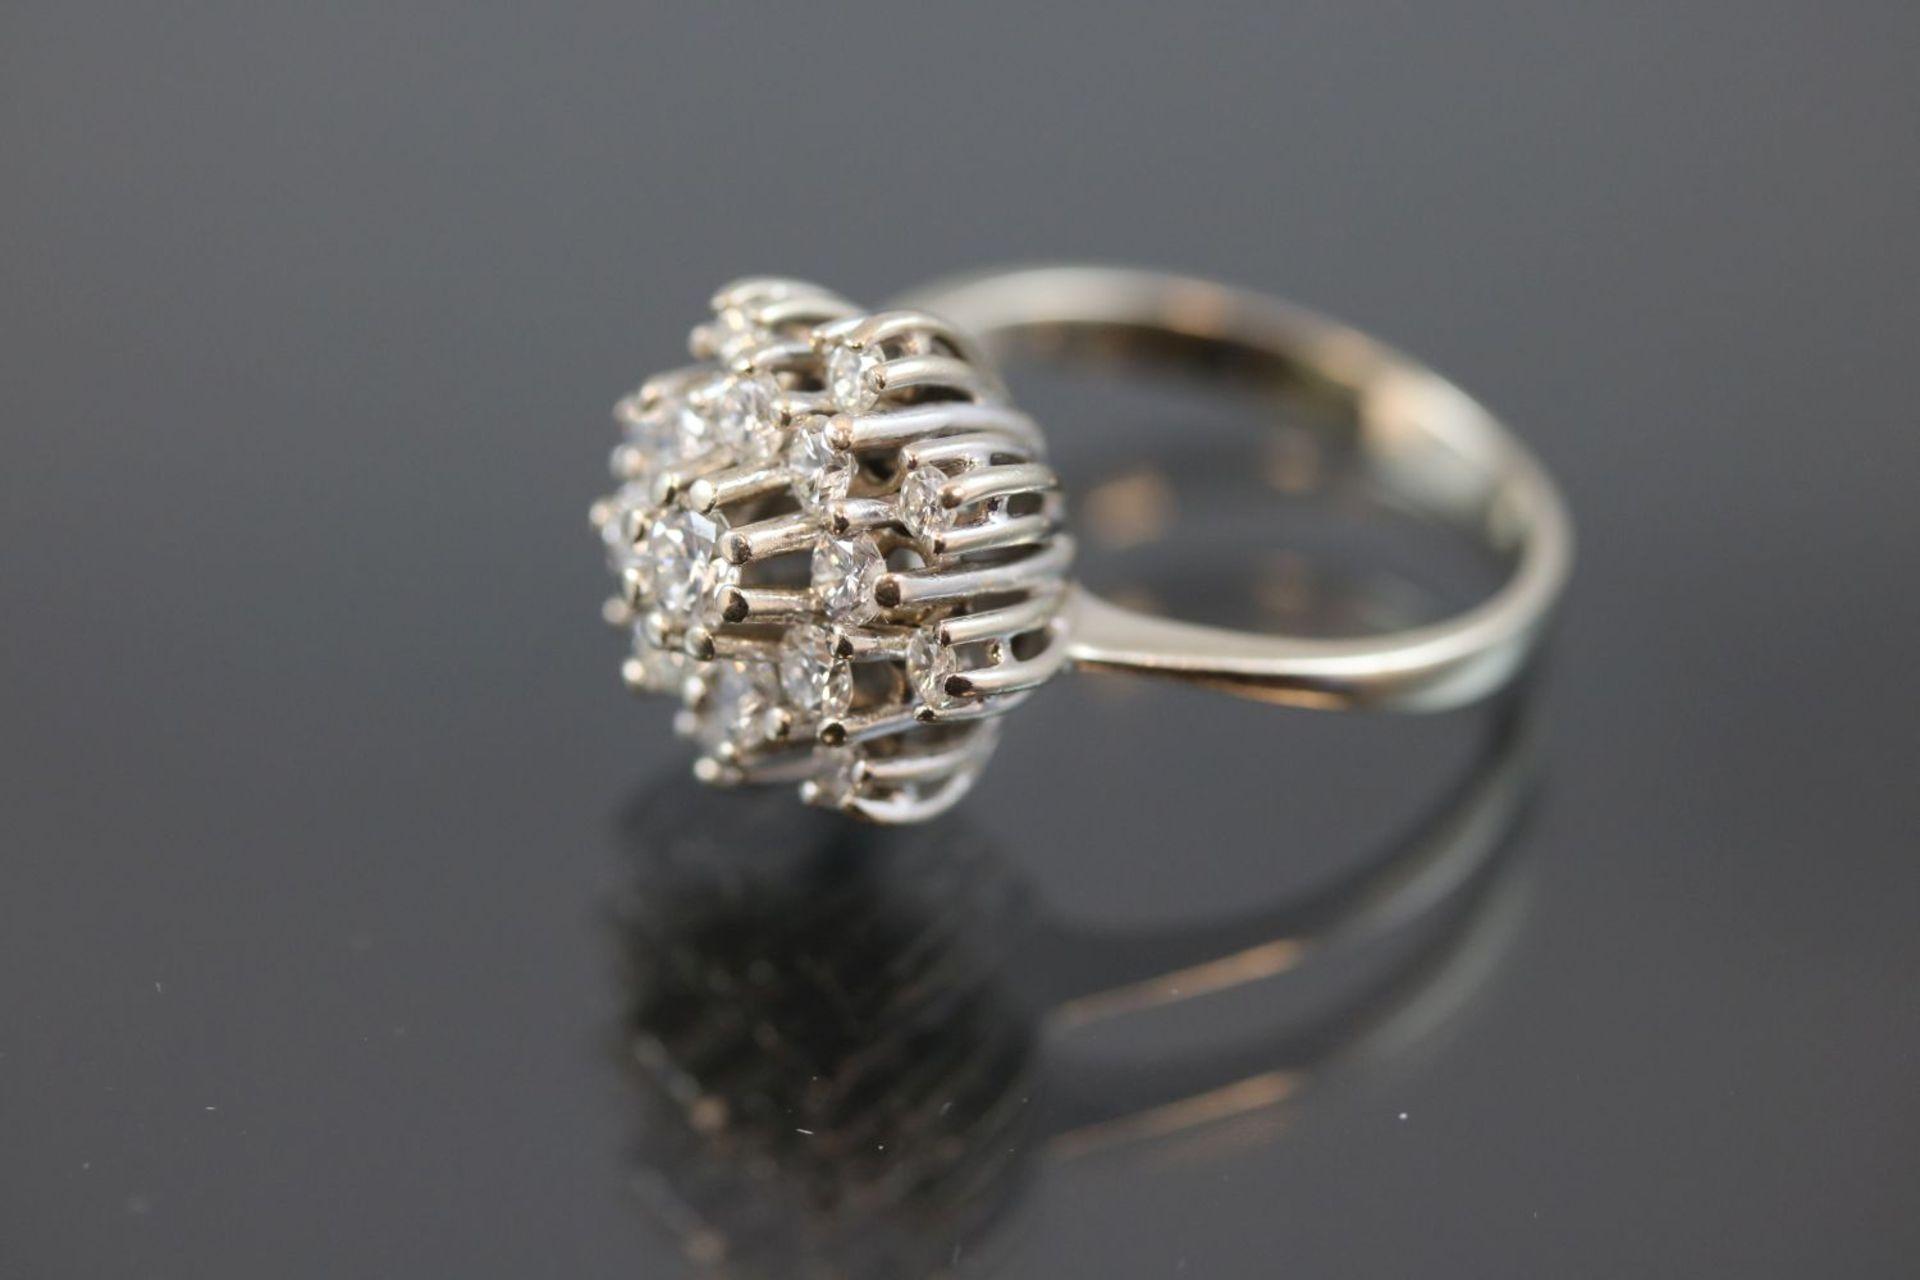 Brillant-Ring, 585 Weißgold5,3 Gramm 17 Brillanten, 1 ct., w/si. Ringgröße: 57Schätzpreis: 2500,- - Bild 2 aus 3